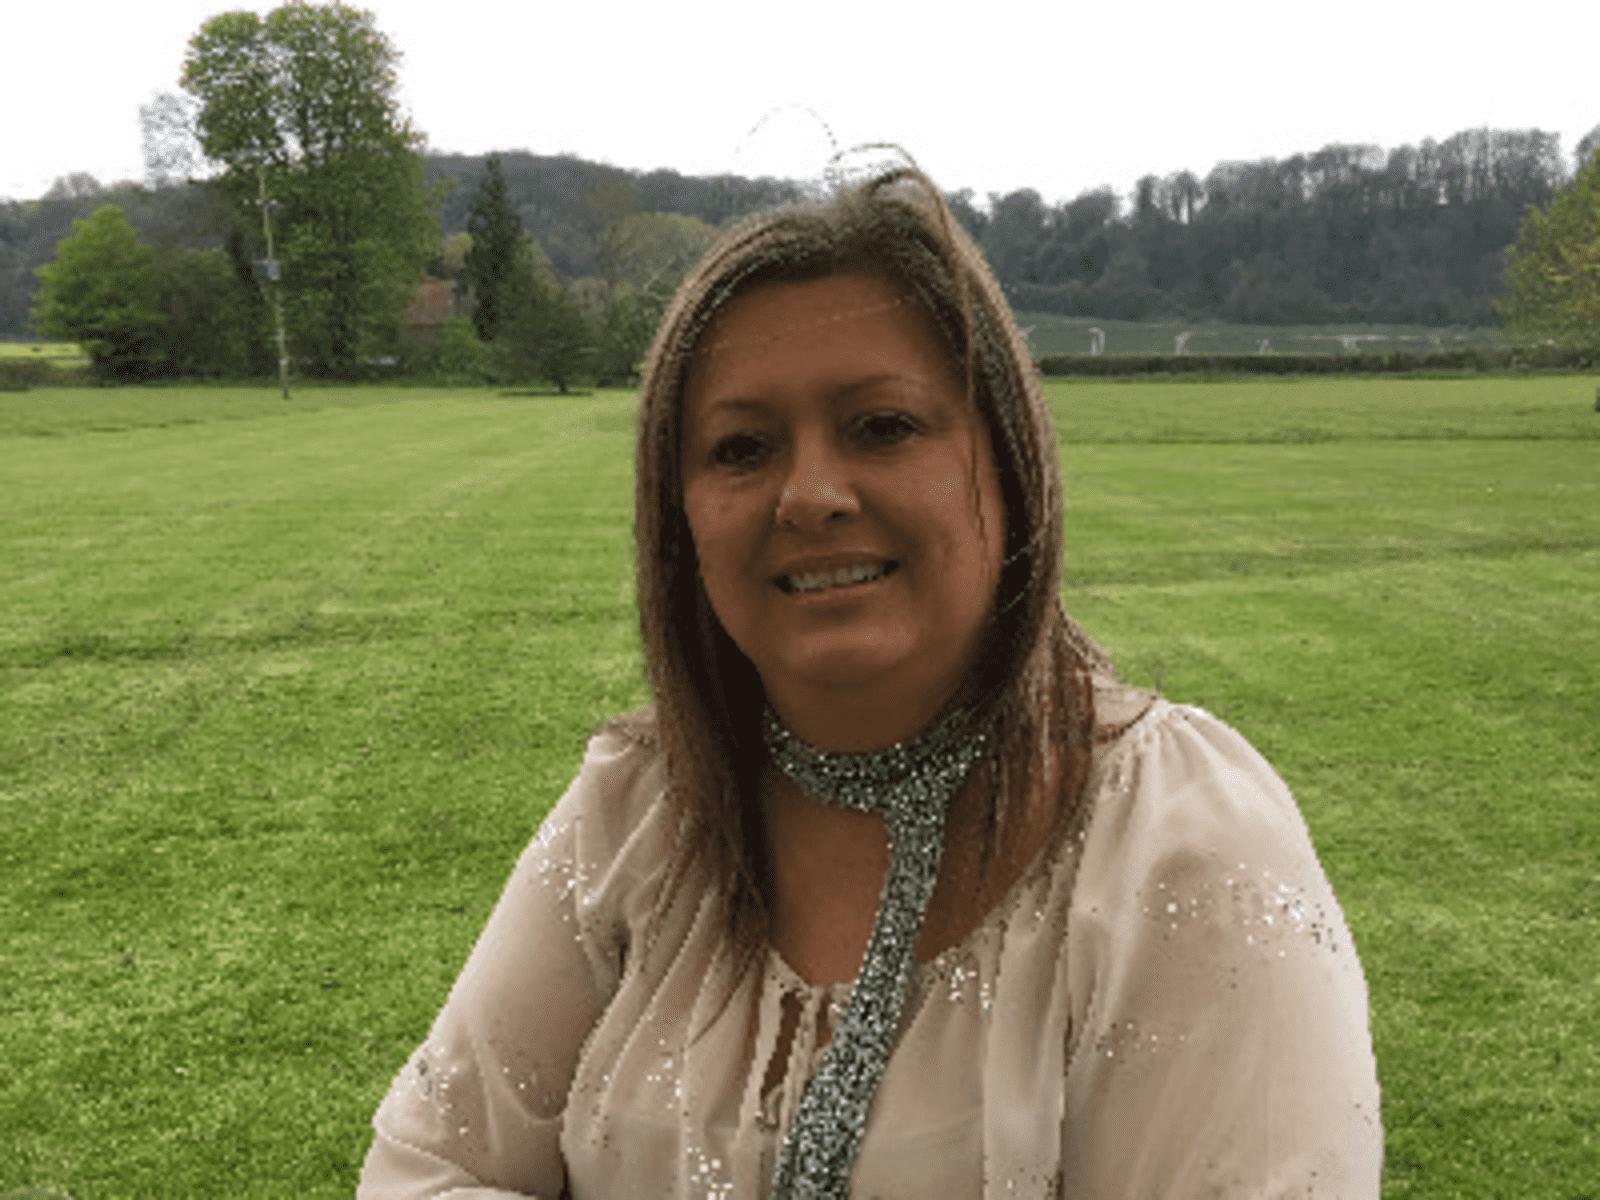 Adele from Gosport, United Kingdom